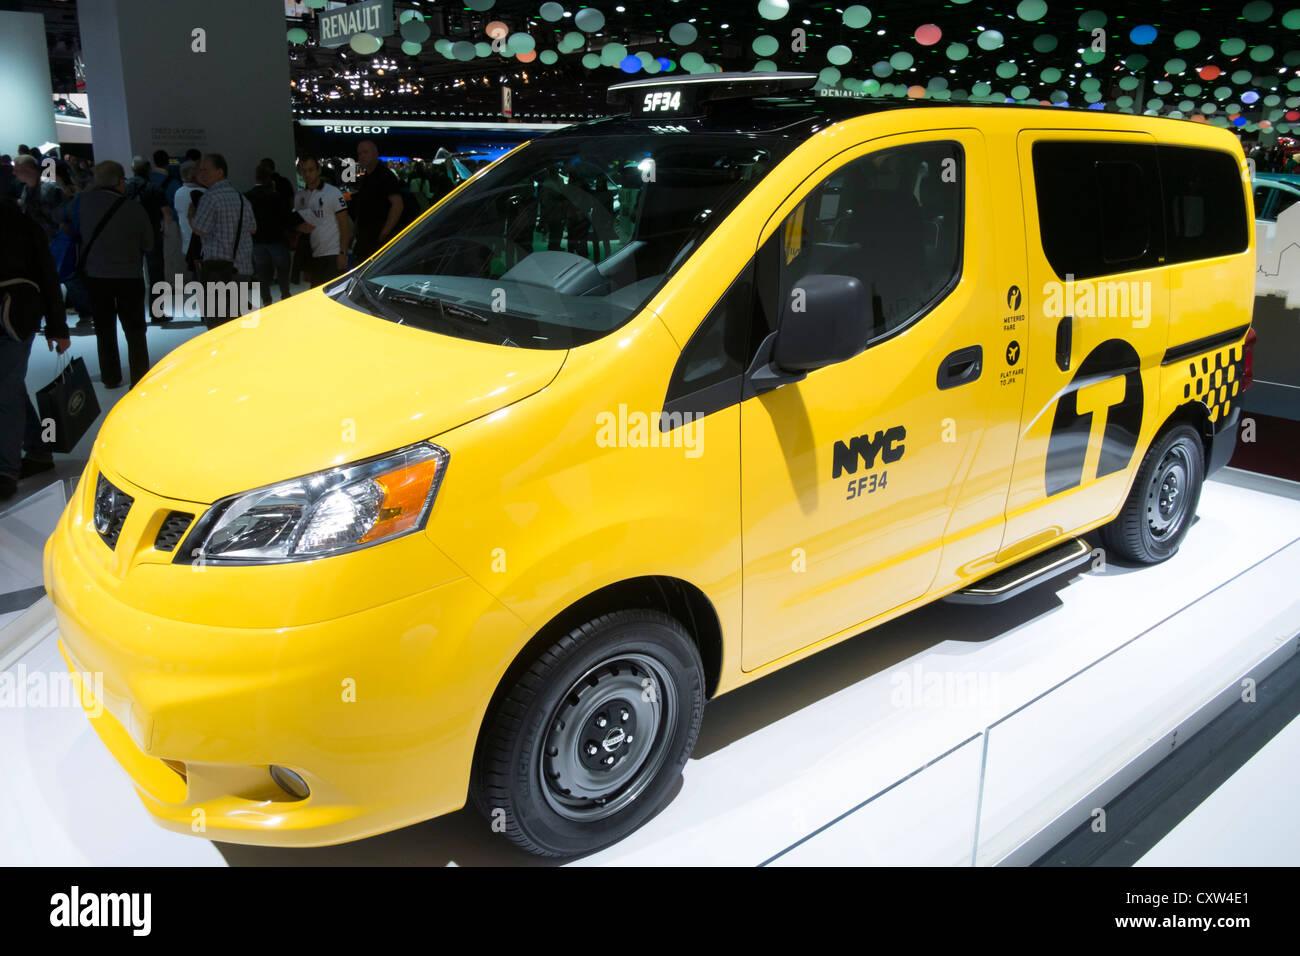 Nuevo Nissan van en librea de la ciudad de Nueva York (NYC) Taxi en Paris Motor Show 2012 Imagen De Stock